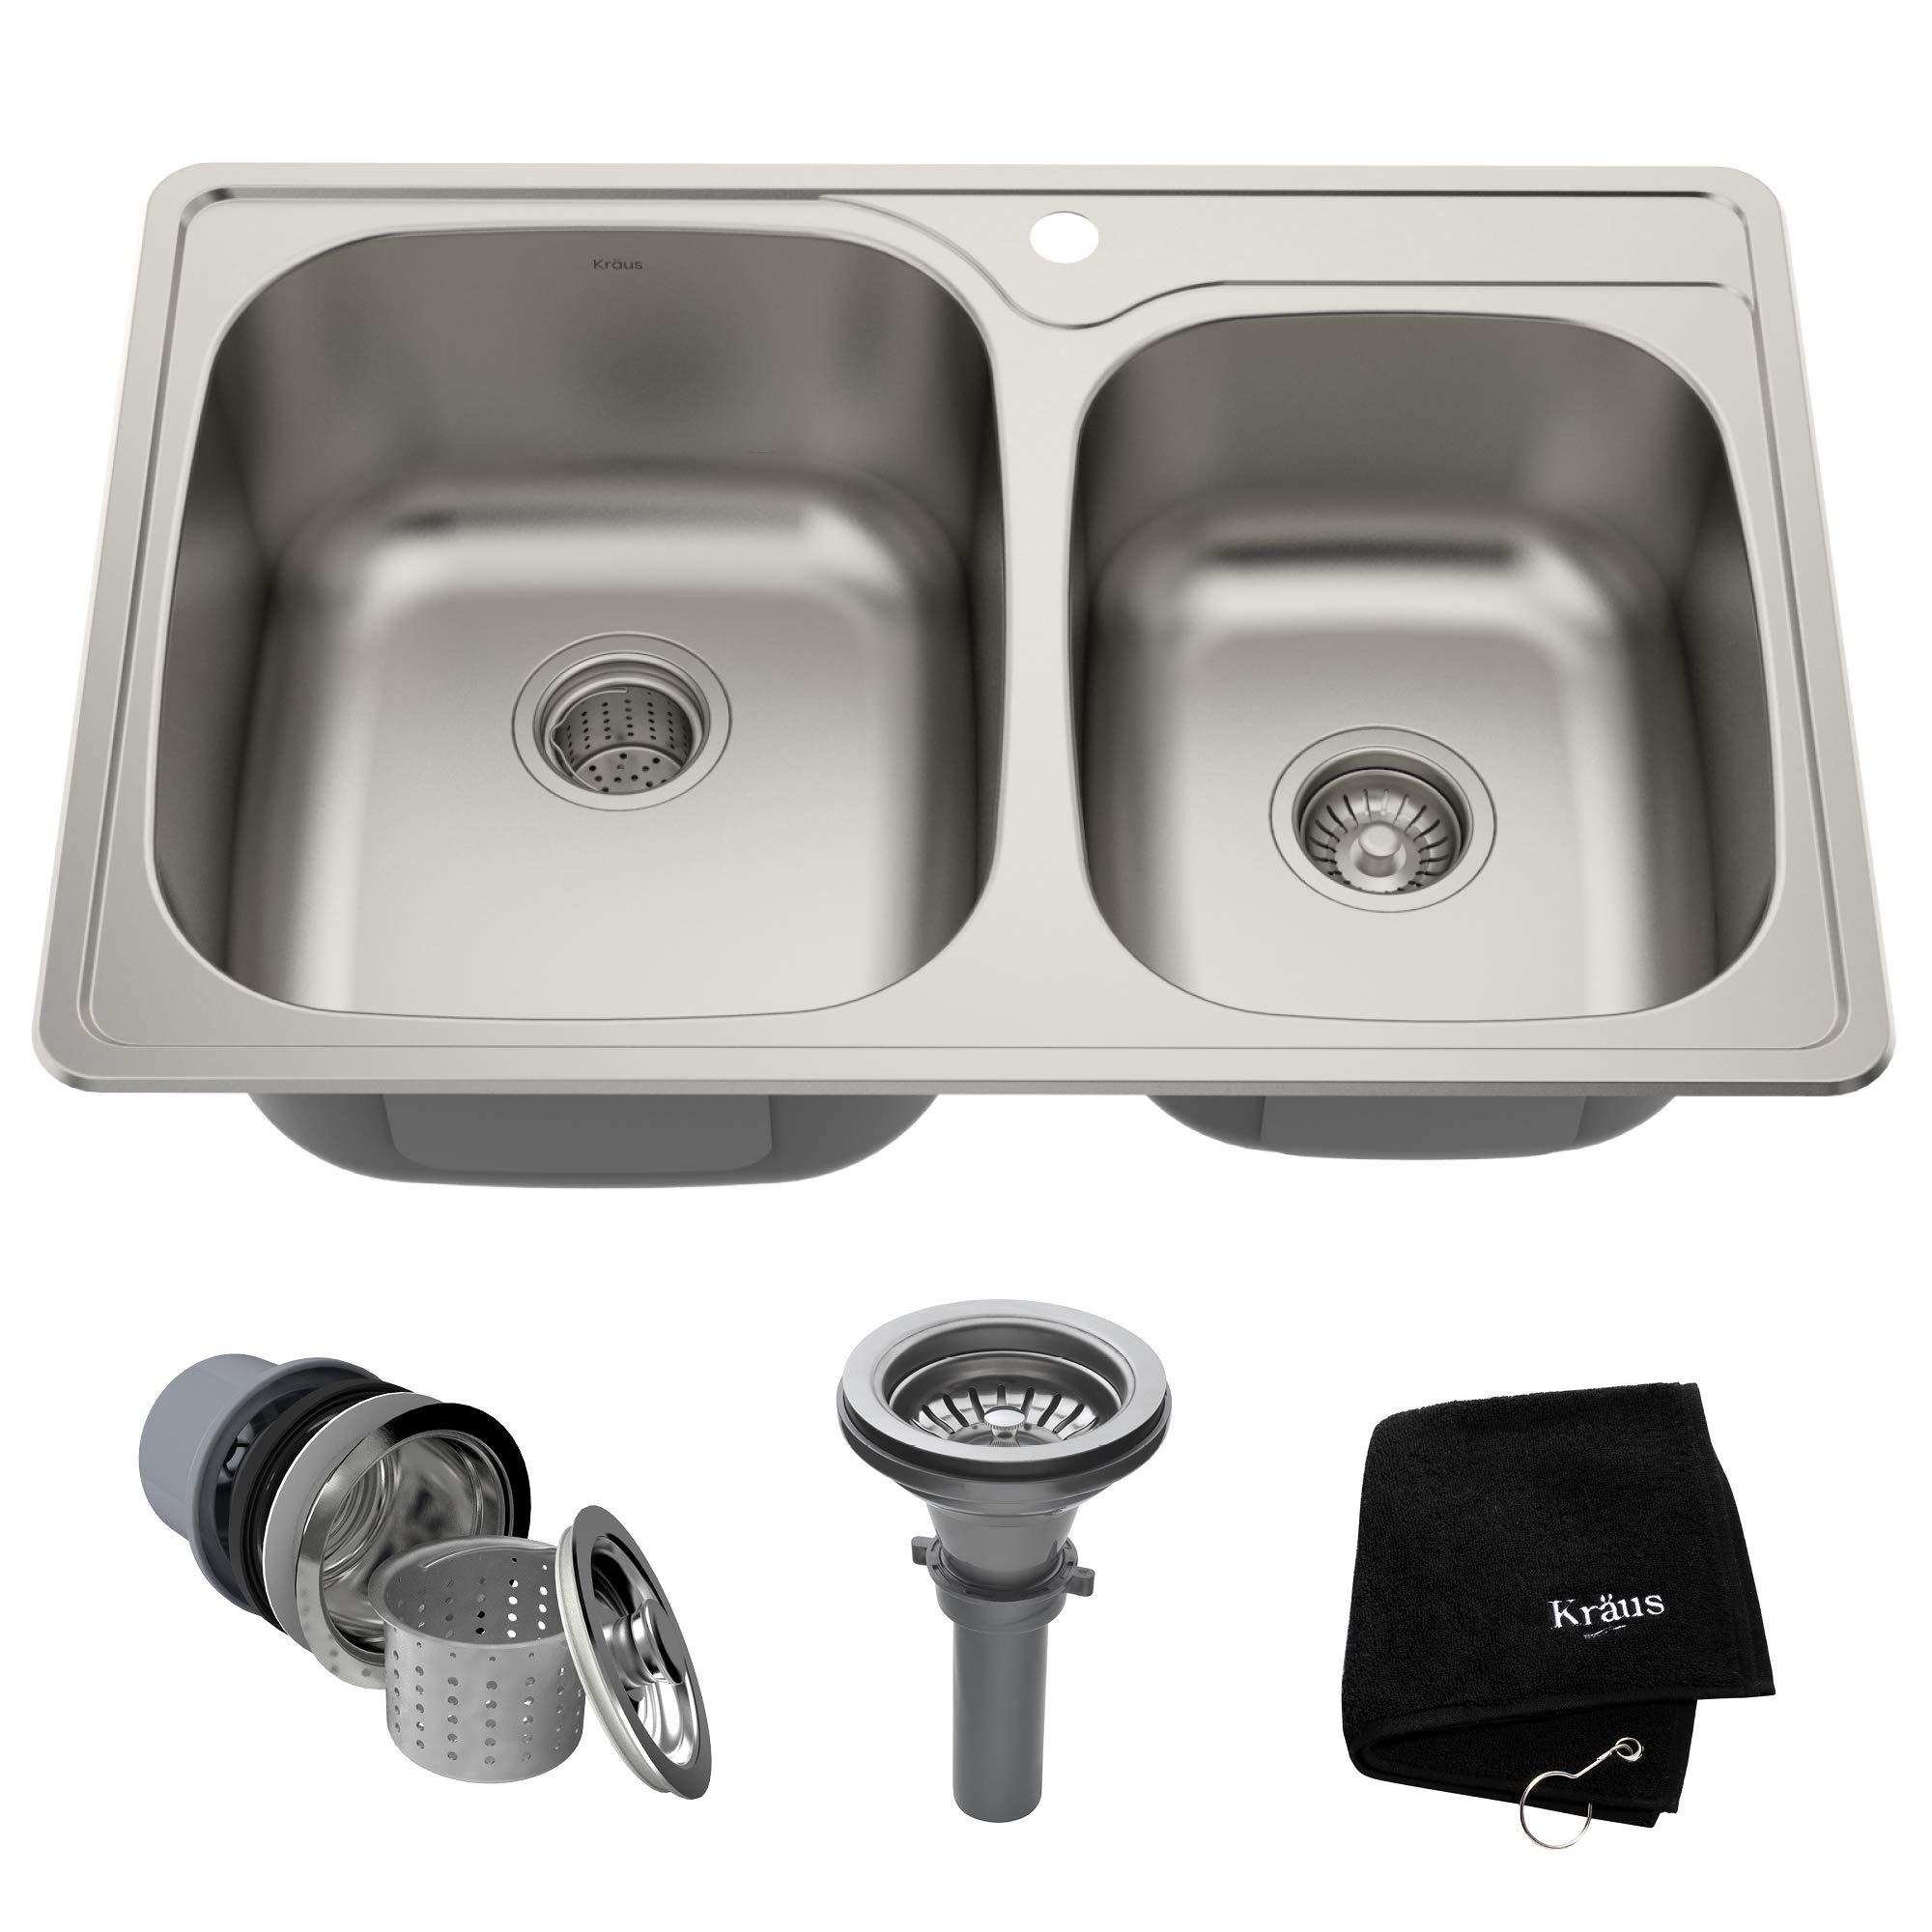 Kraus KTM32 33 inch Topmount 60/40 Double Bowl 18 gauge Stainless Steel Kitchen Sink by Kraus